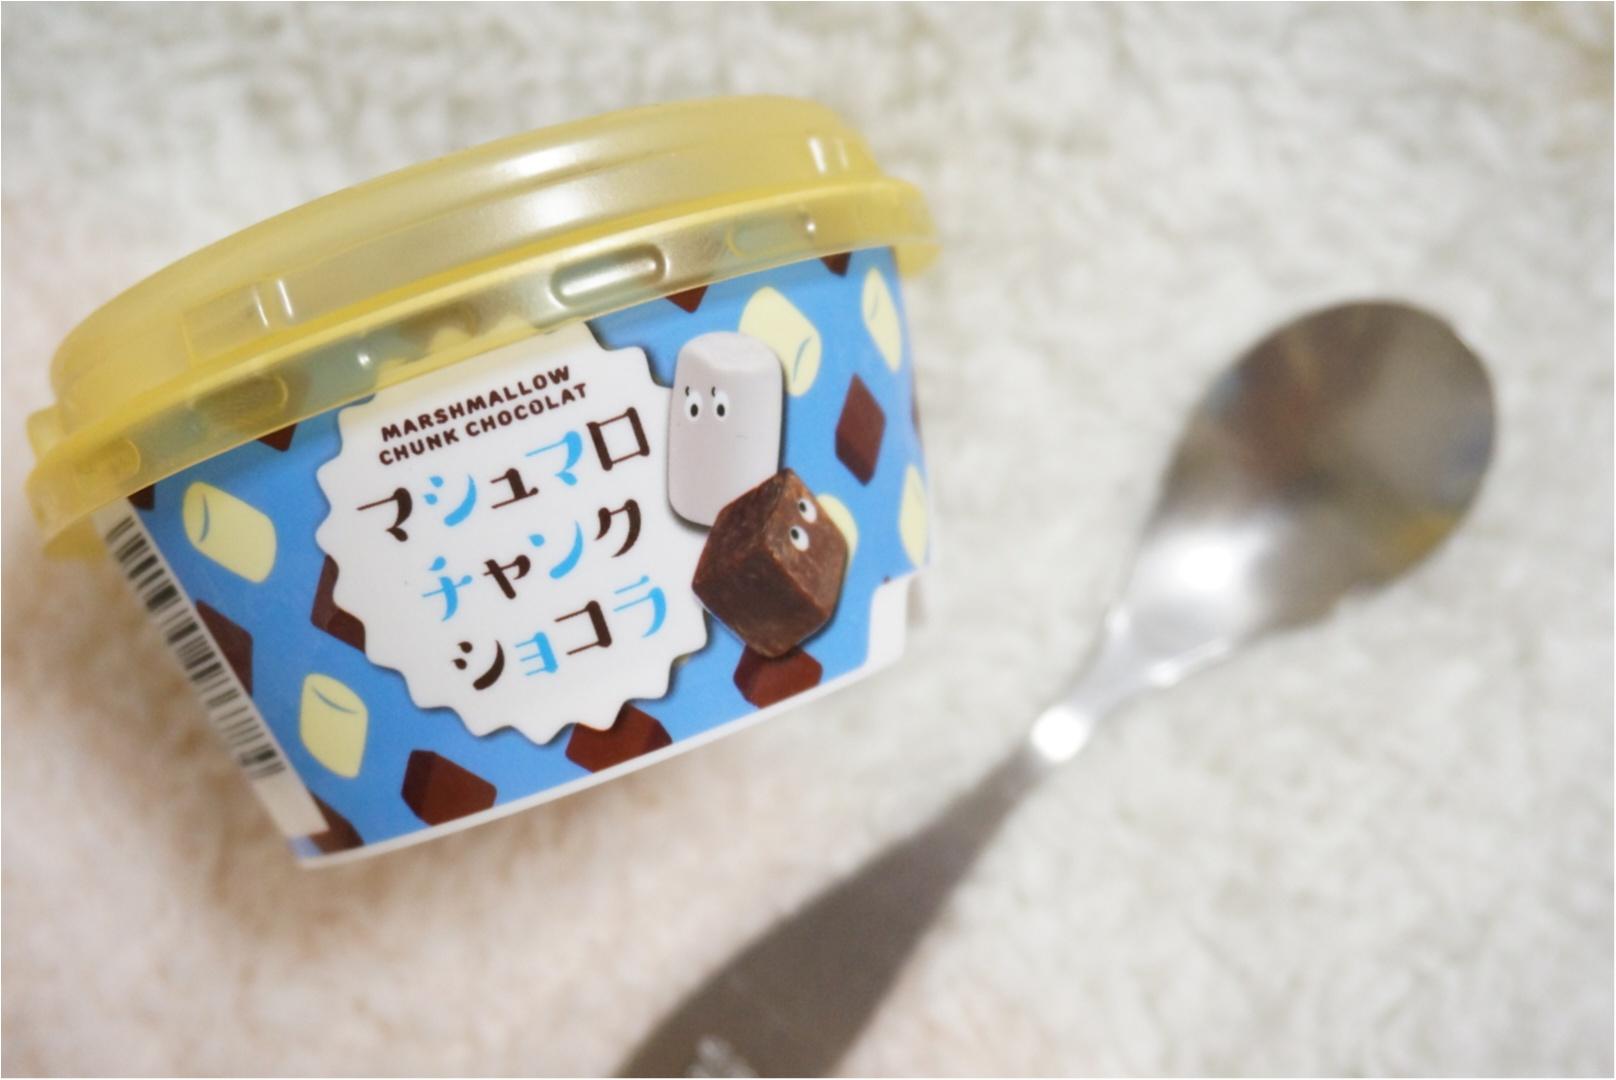 《まるでスモア?》アイス好き必見!新食感が楽しいコンビニアイスを発見❤️_7